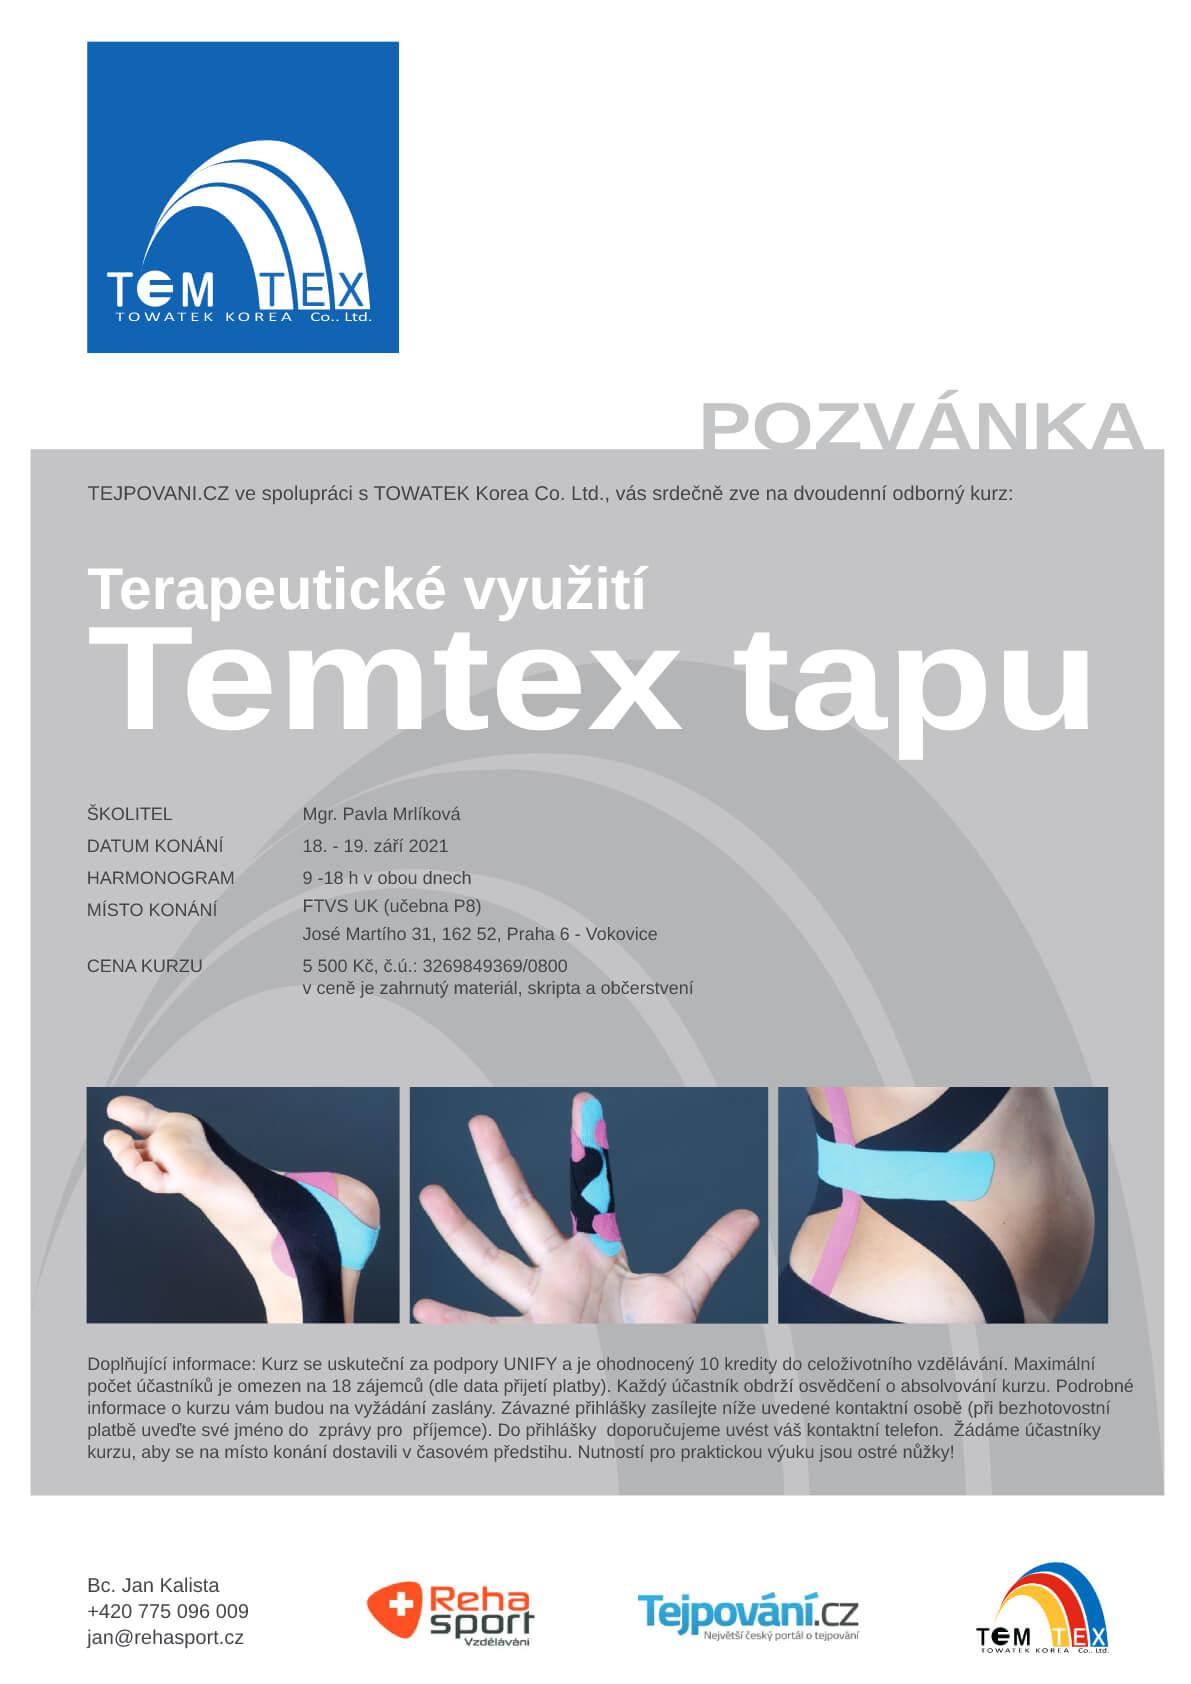 Pozvanka-temtex-18-19-zari-2021-pdf